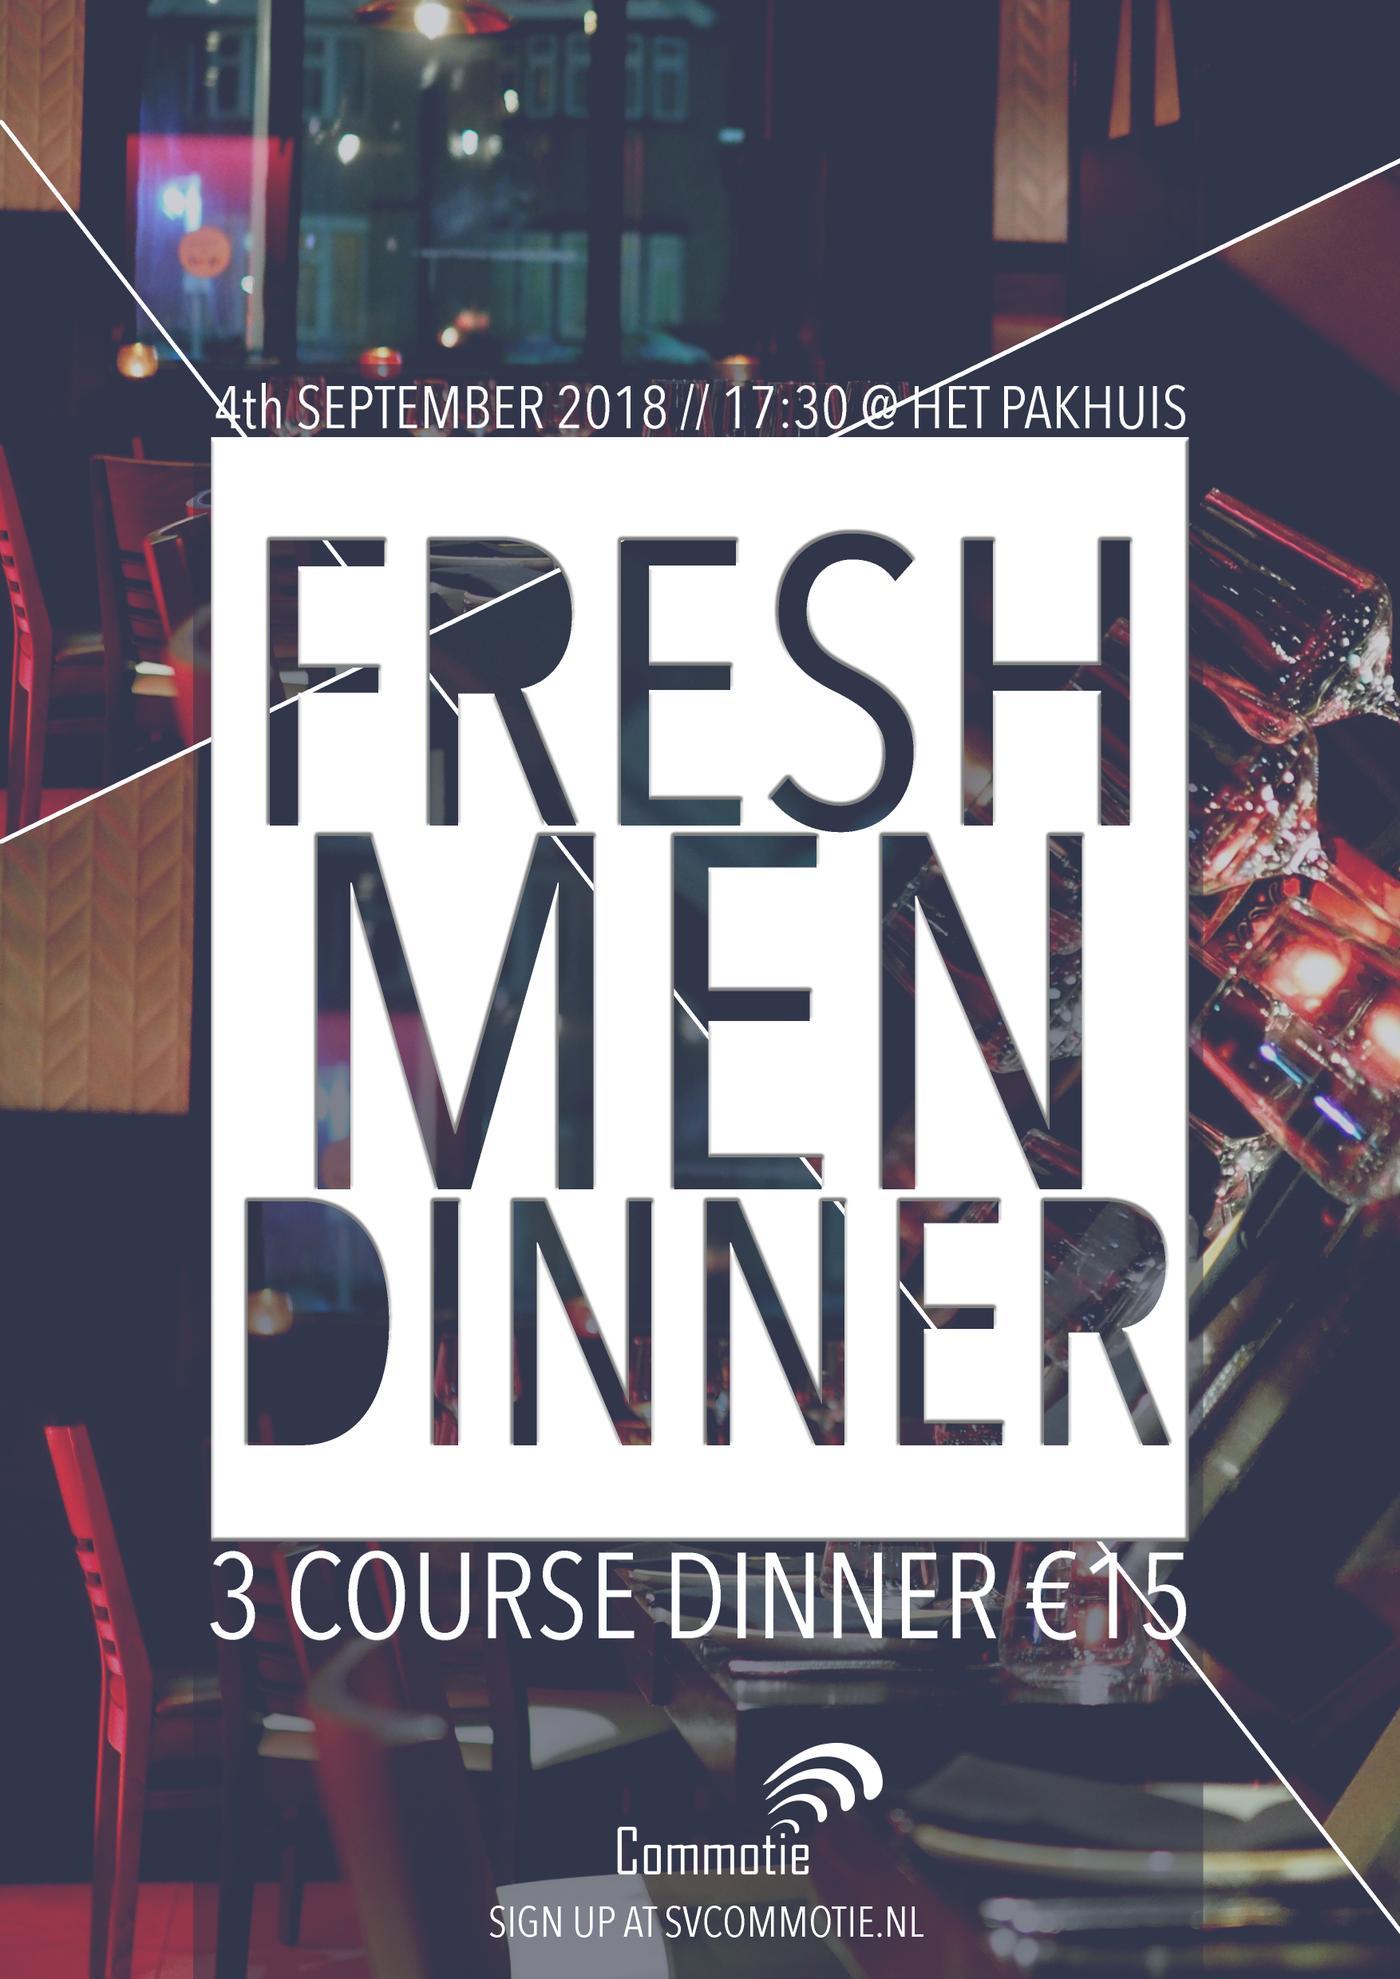 Freshmen dinner